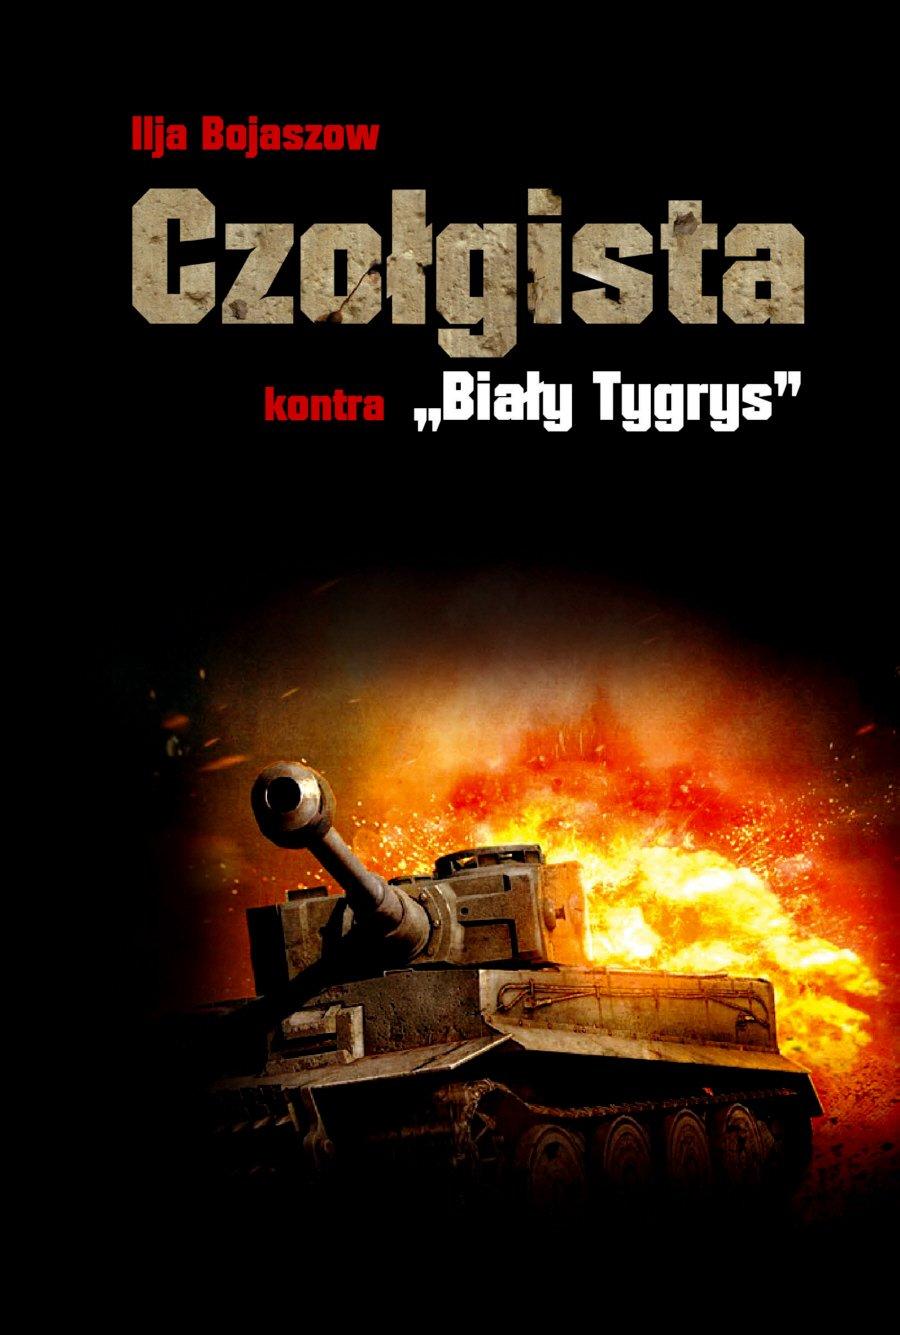 """Czołgista kontra ,,Biały Tygrys"""" - Ebook (Książka EPUB) do pobrania w formacie EPUB"""